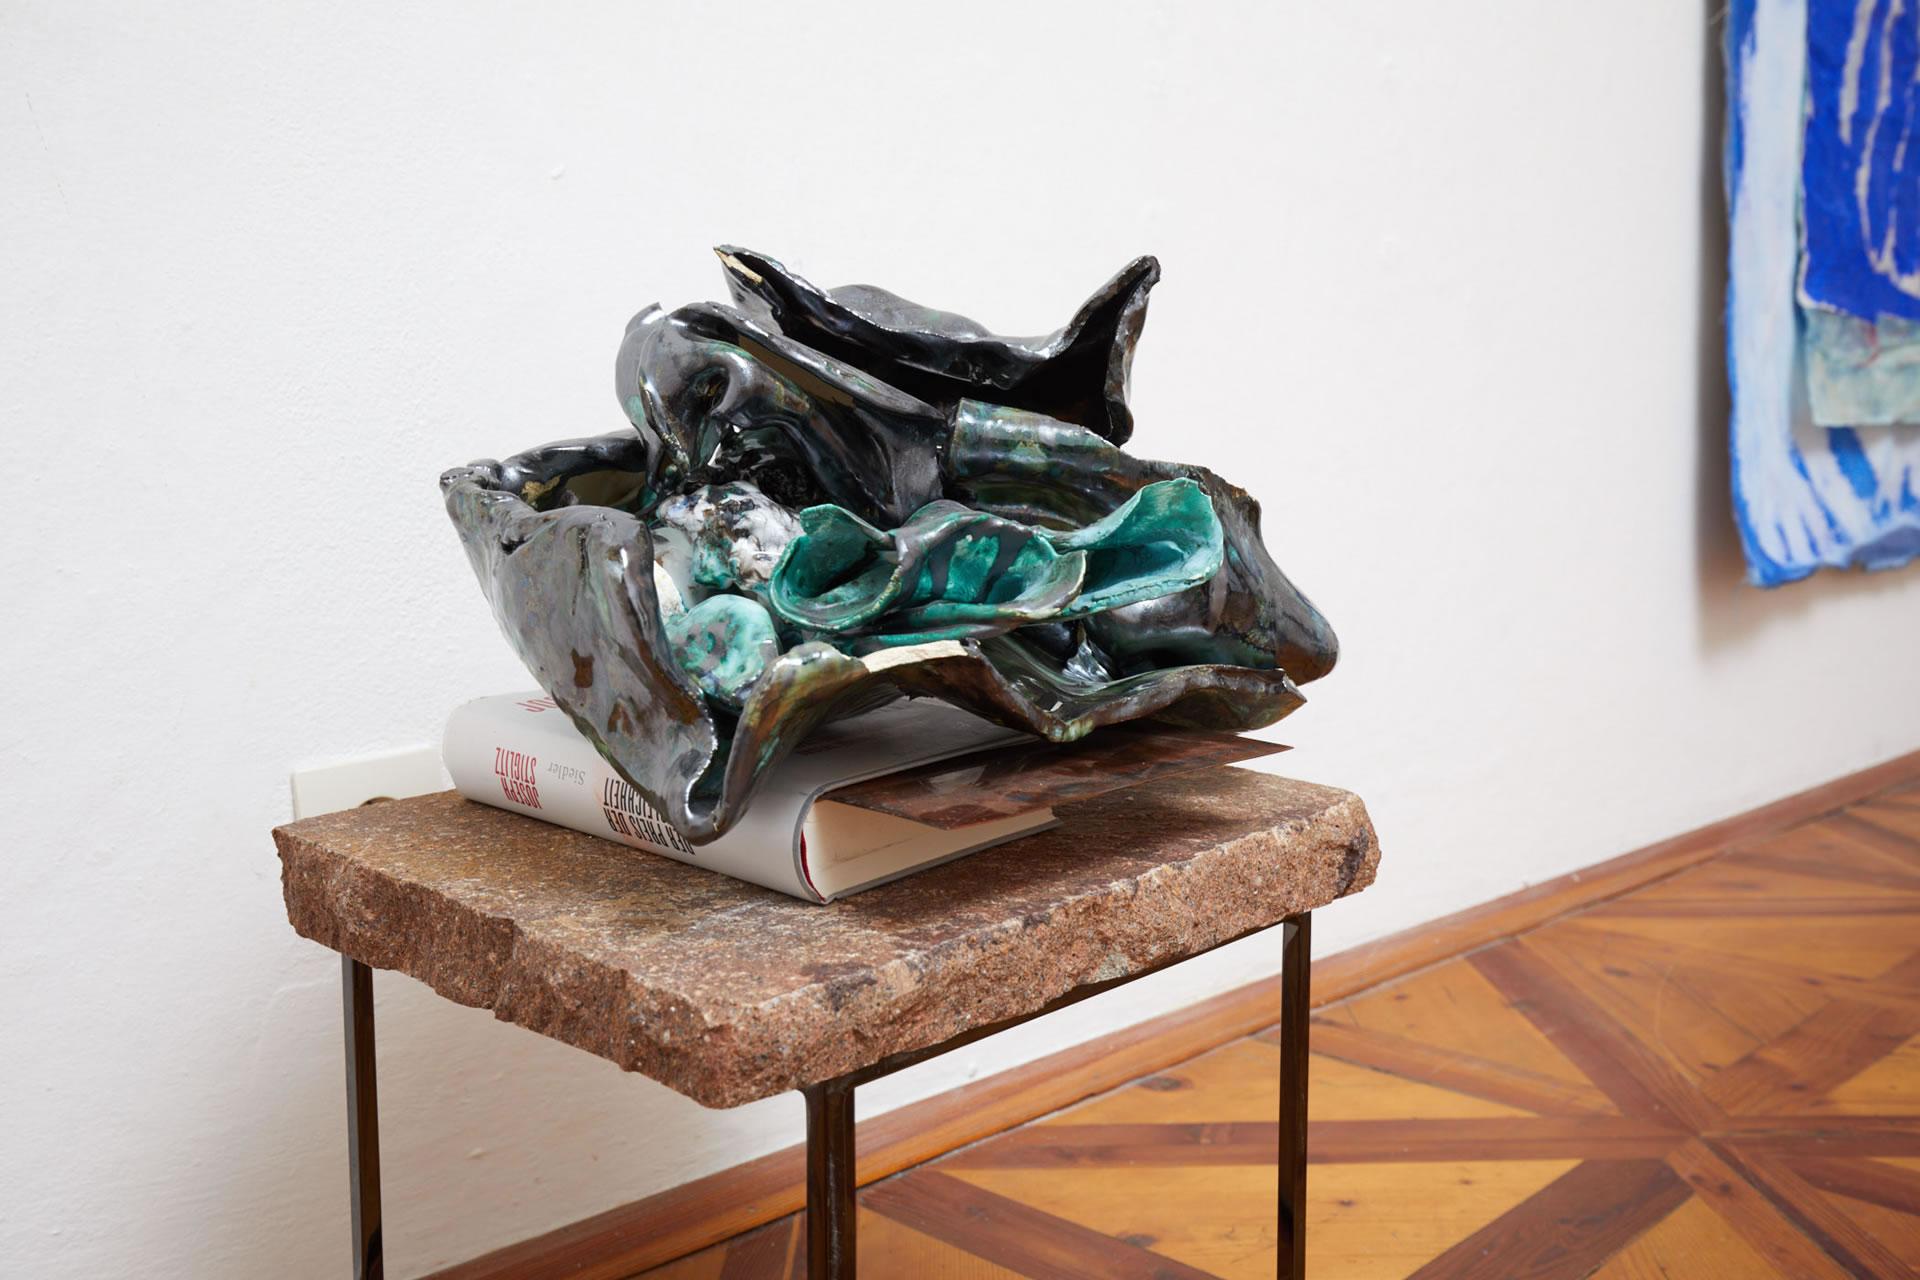 Veronika Dirnhofer | Der Preis der Ungleichheit | 2018 | Keramik gebrannt | ca 45 cm | Galerie3 | Foto Johannes Puch